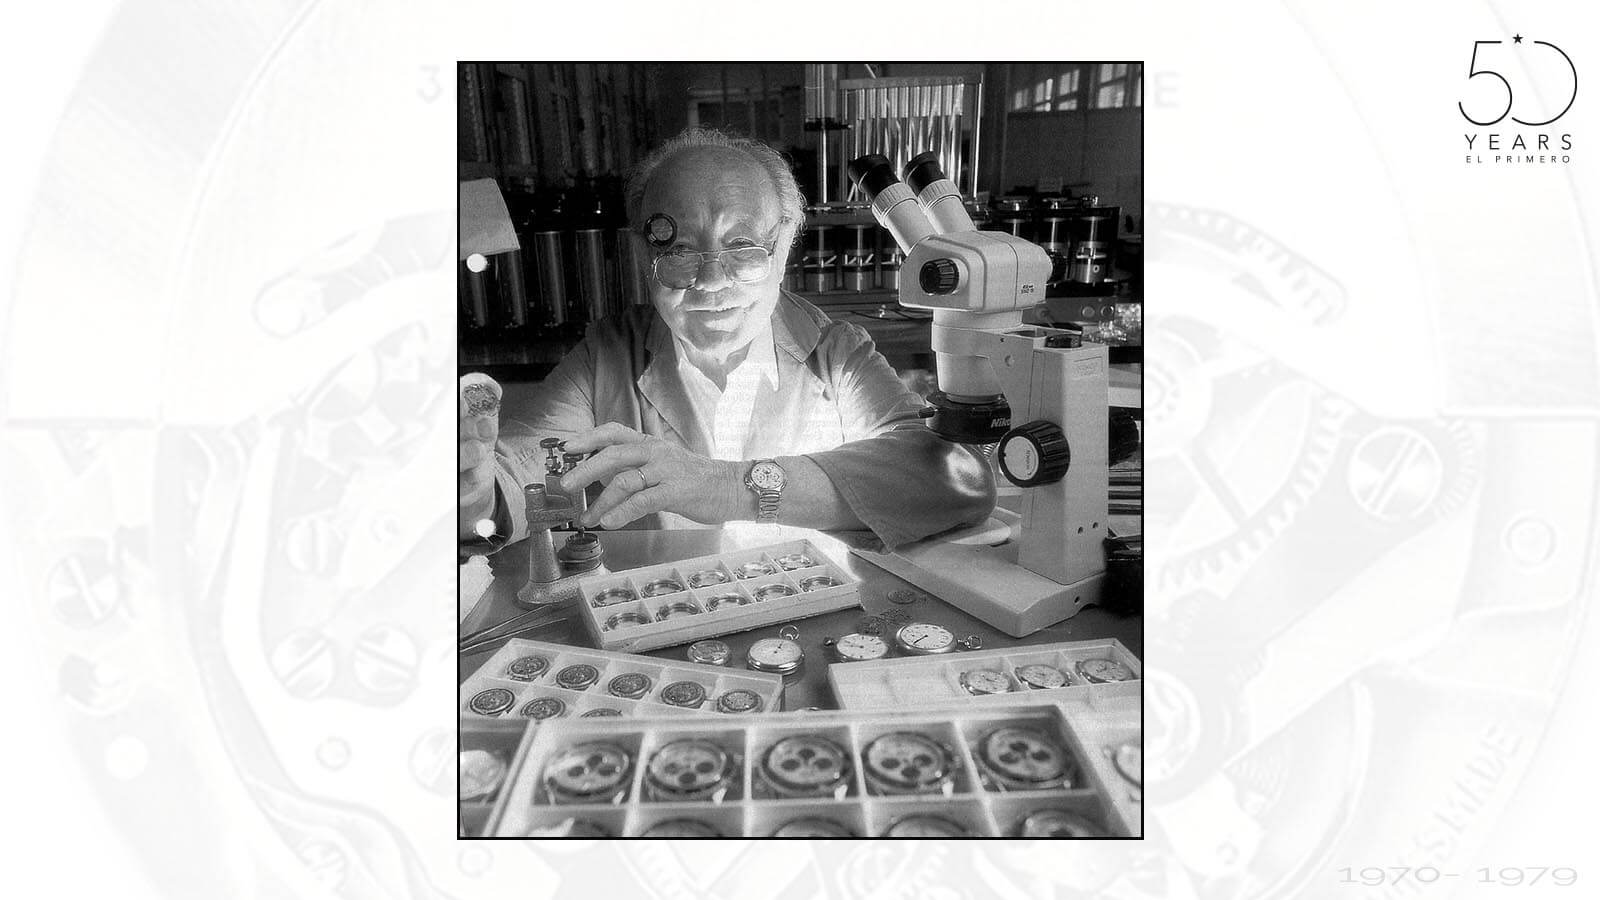 Charles Vermot, der Retter und Bewahrer des El Primero Werks von Zenith